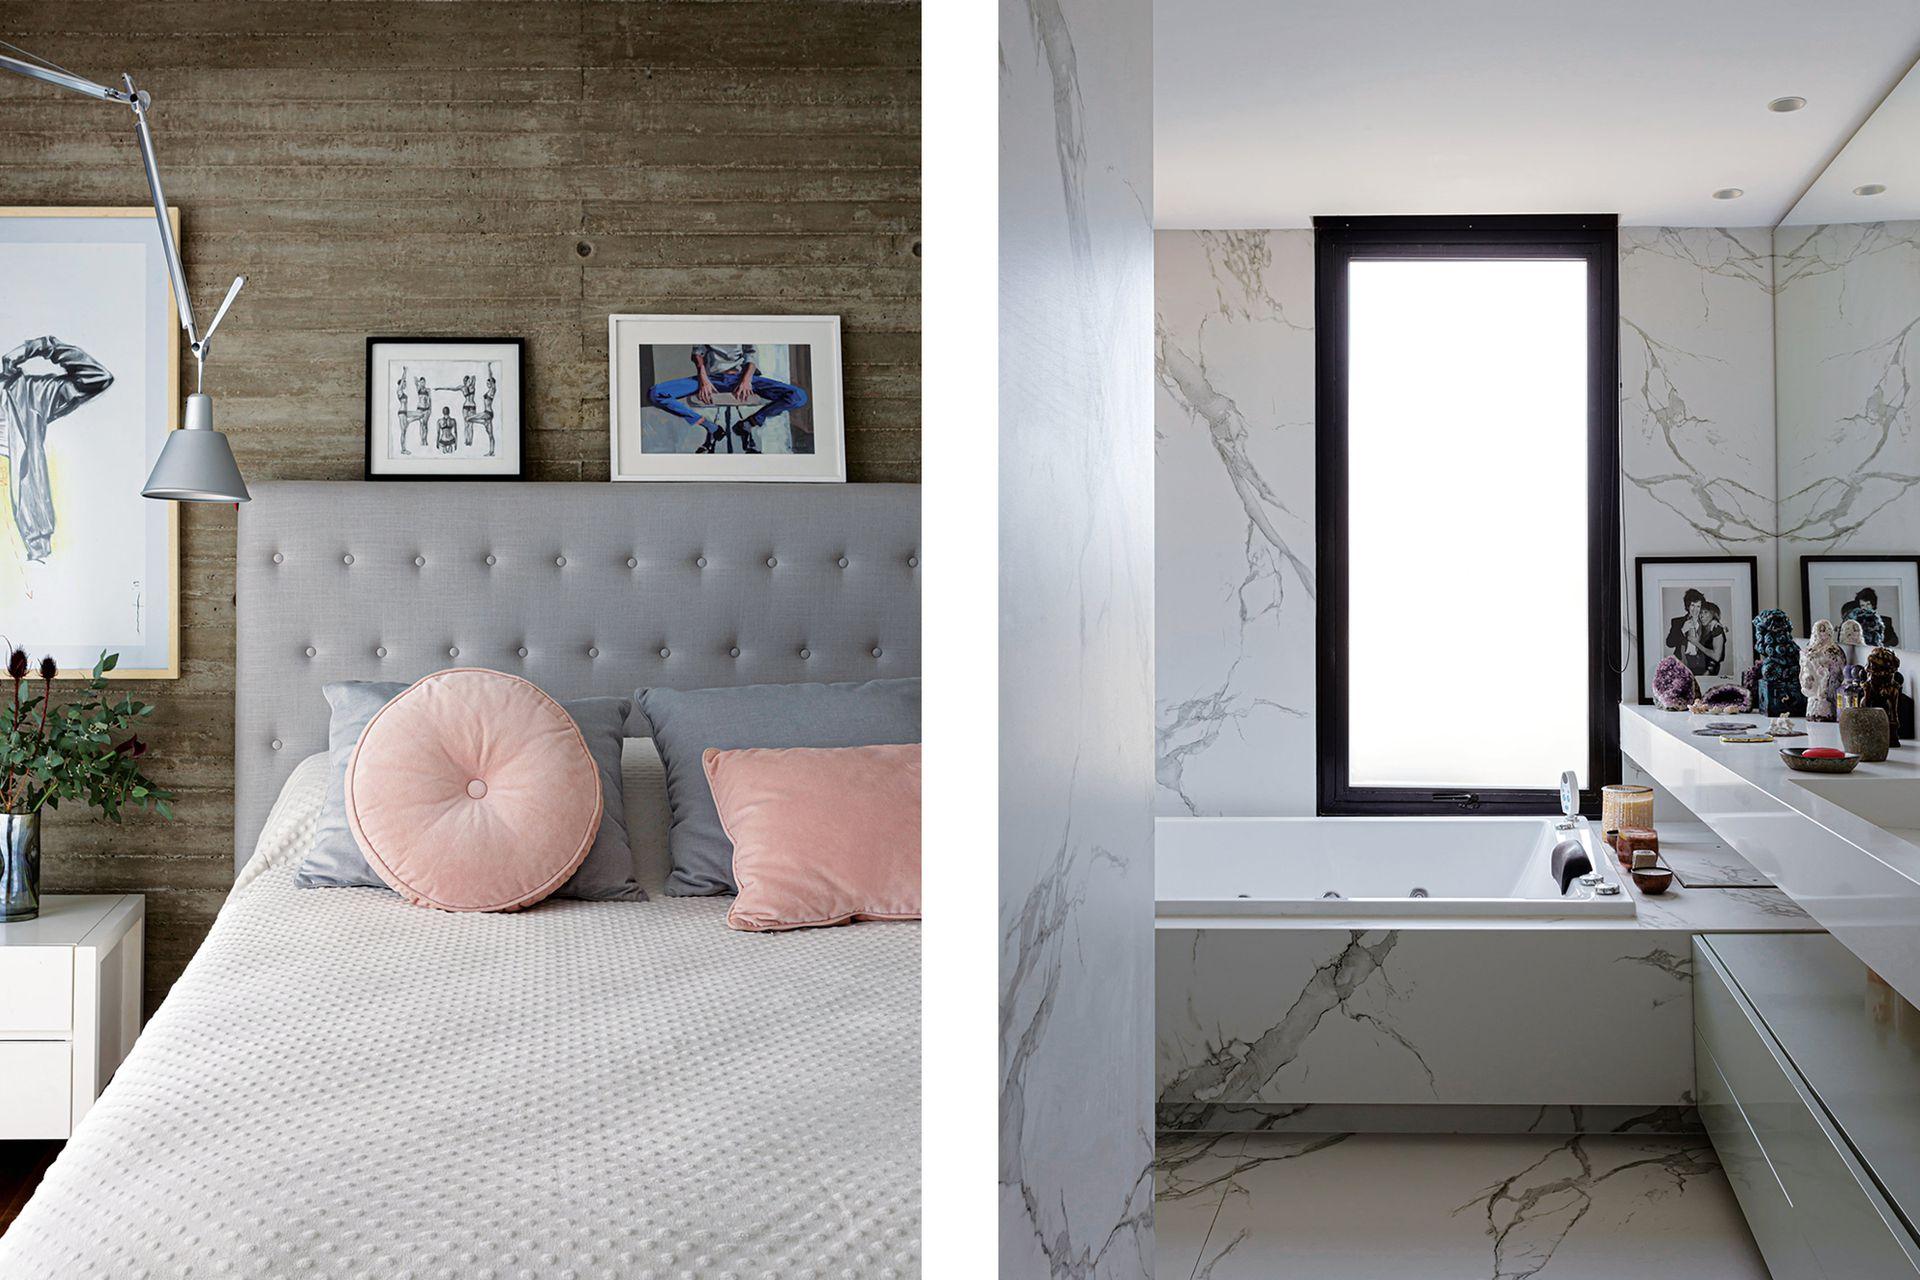 En el dormitorio femenino, sobre el respaldo capitoné de lino gris, obras de Camila O'Gorman y María Ana Fromm. Detrás de la lámpara Artemide (Alejandro Lo Grasso), dibujo de Marcos Herrera.